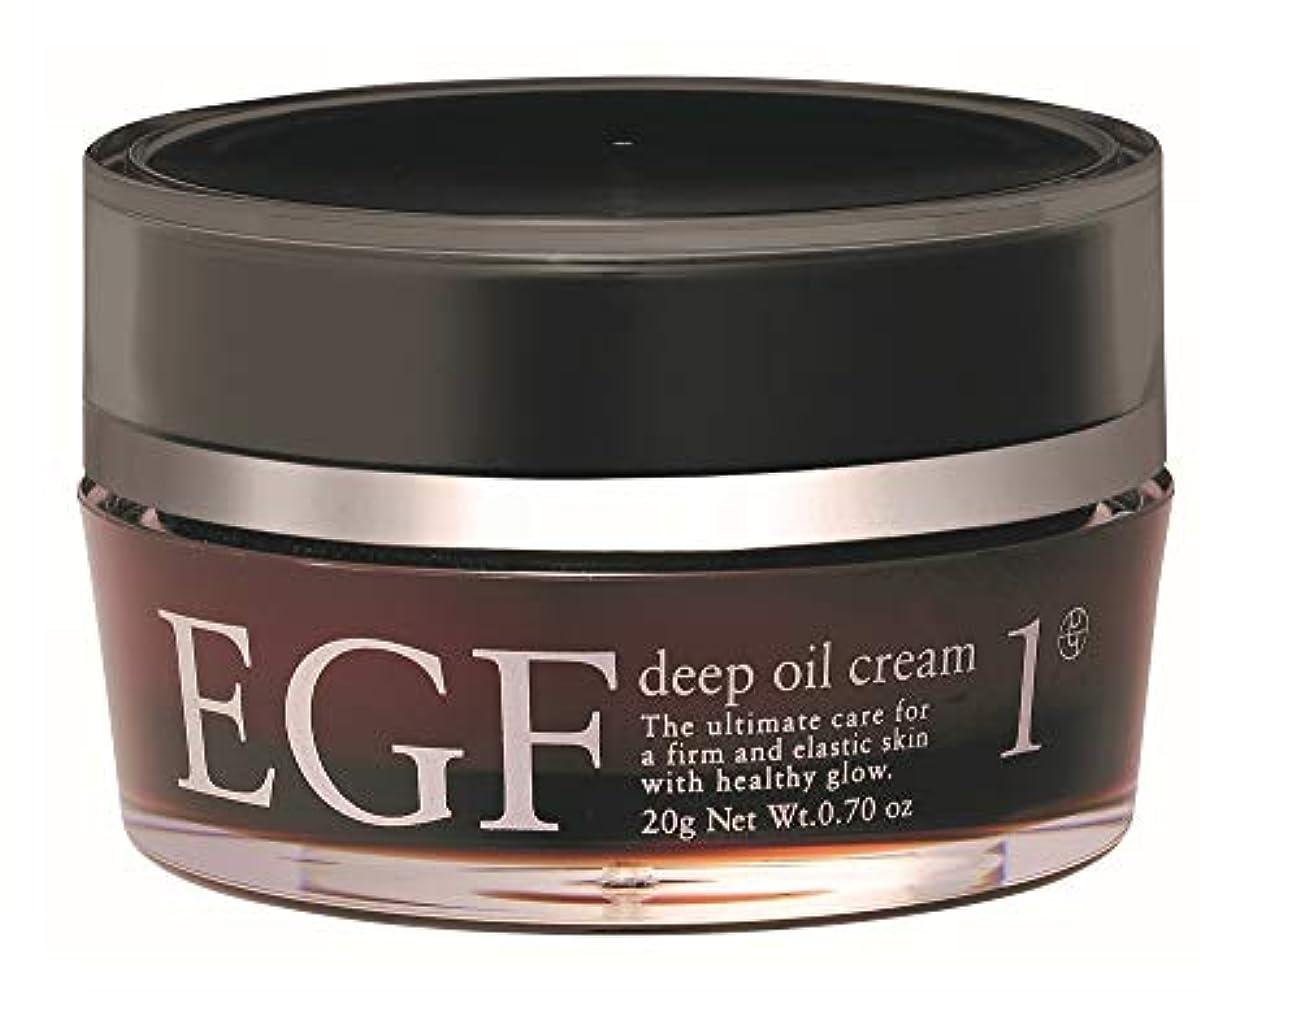 農奴中で省略する【EGFクリーム】EGF ディープオイルクリーム 20g